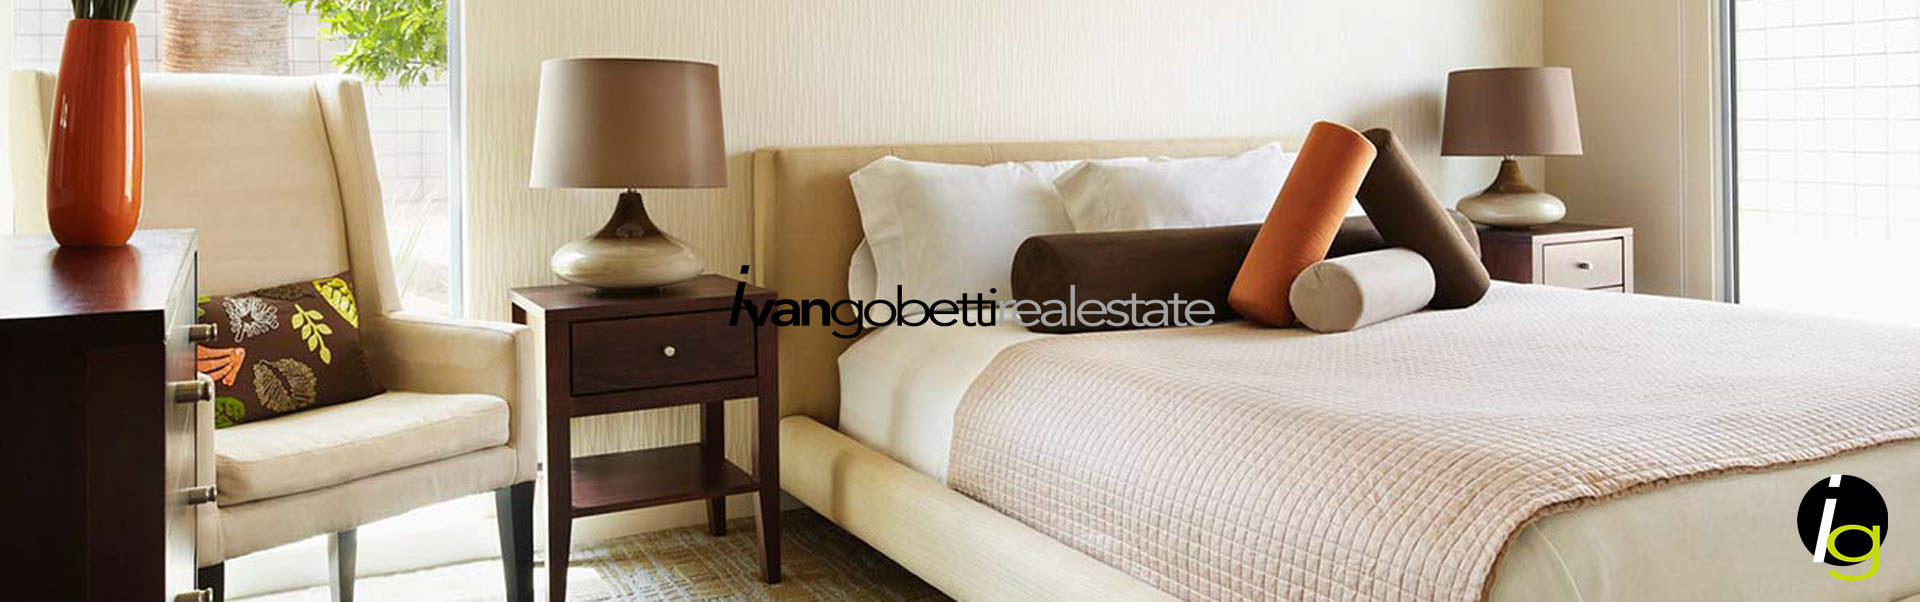 Vendesi Hotel sul Lago Maggiore 4 stelle